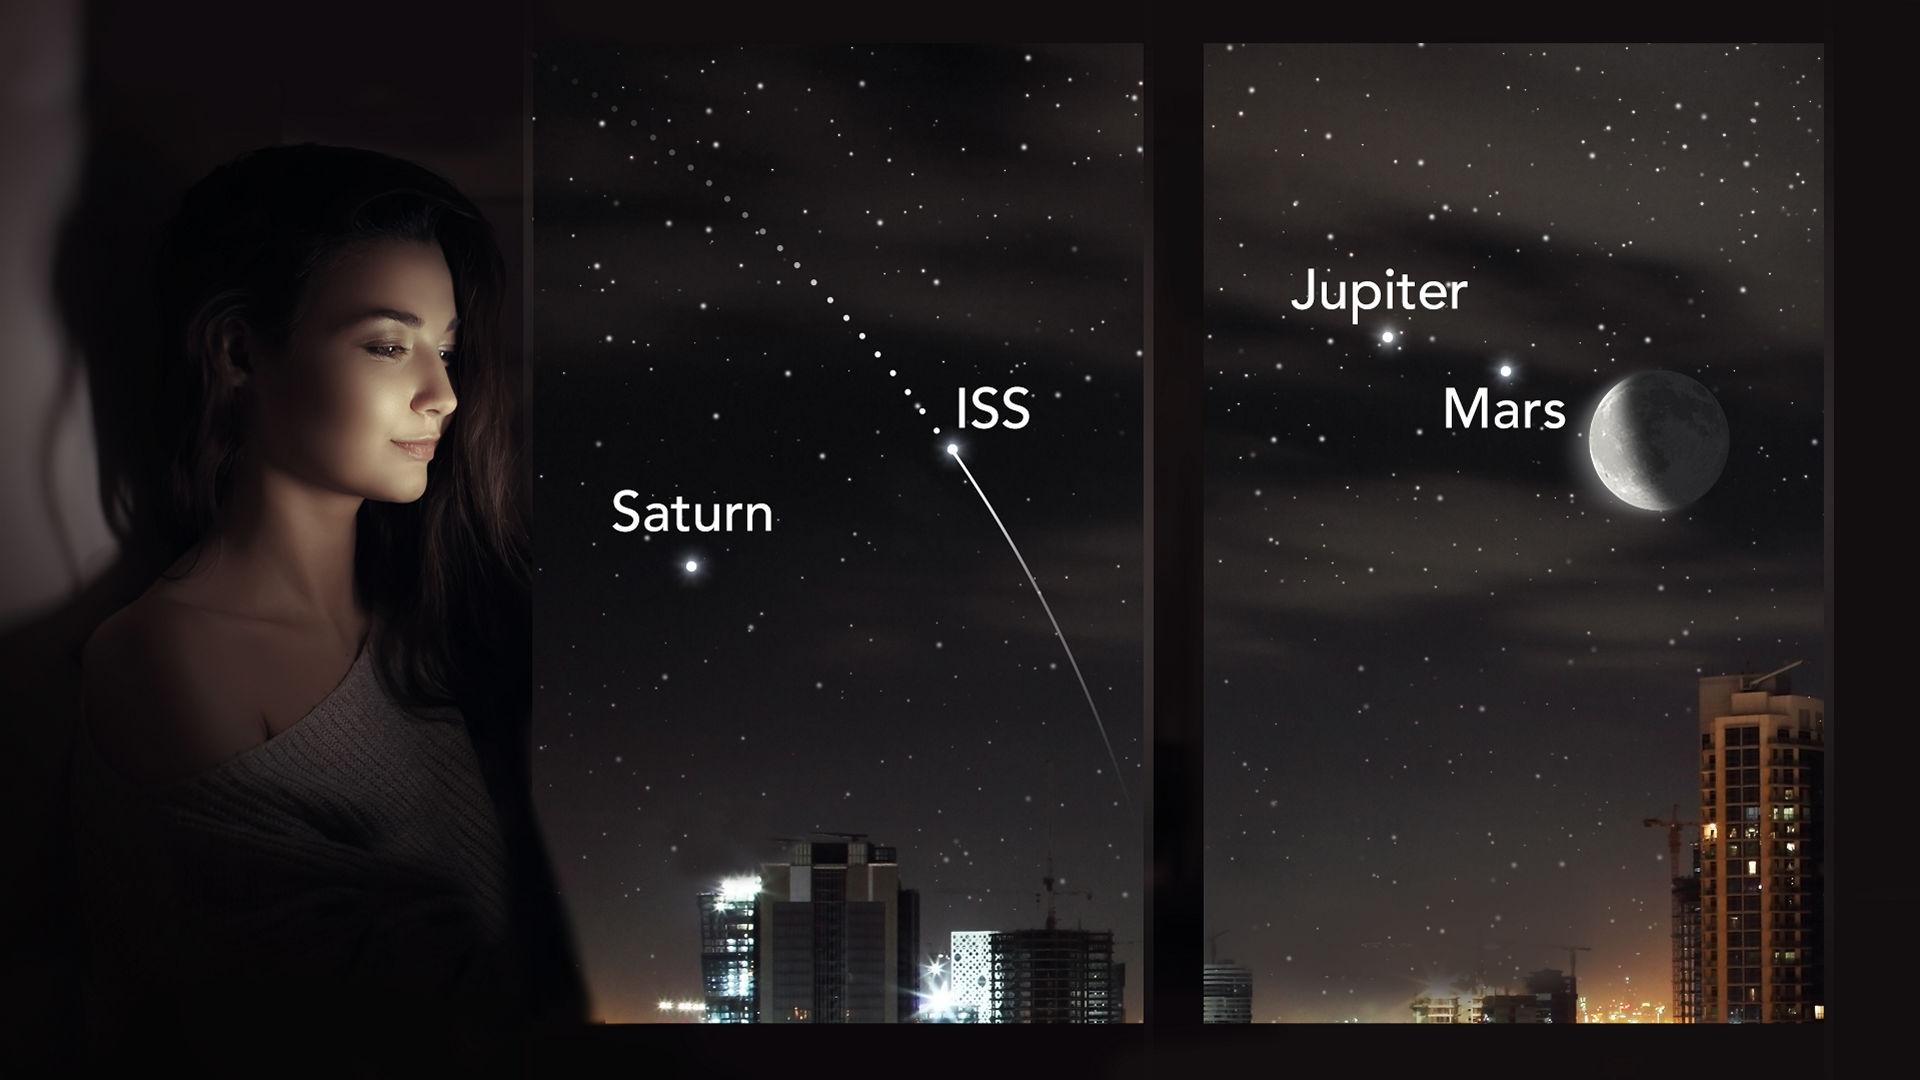 Como passar o tempo em casa durante a quarentena? Observar as estrelas, é claro!